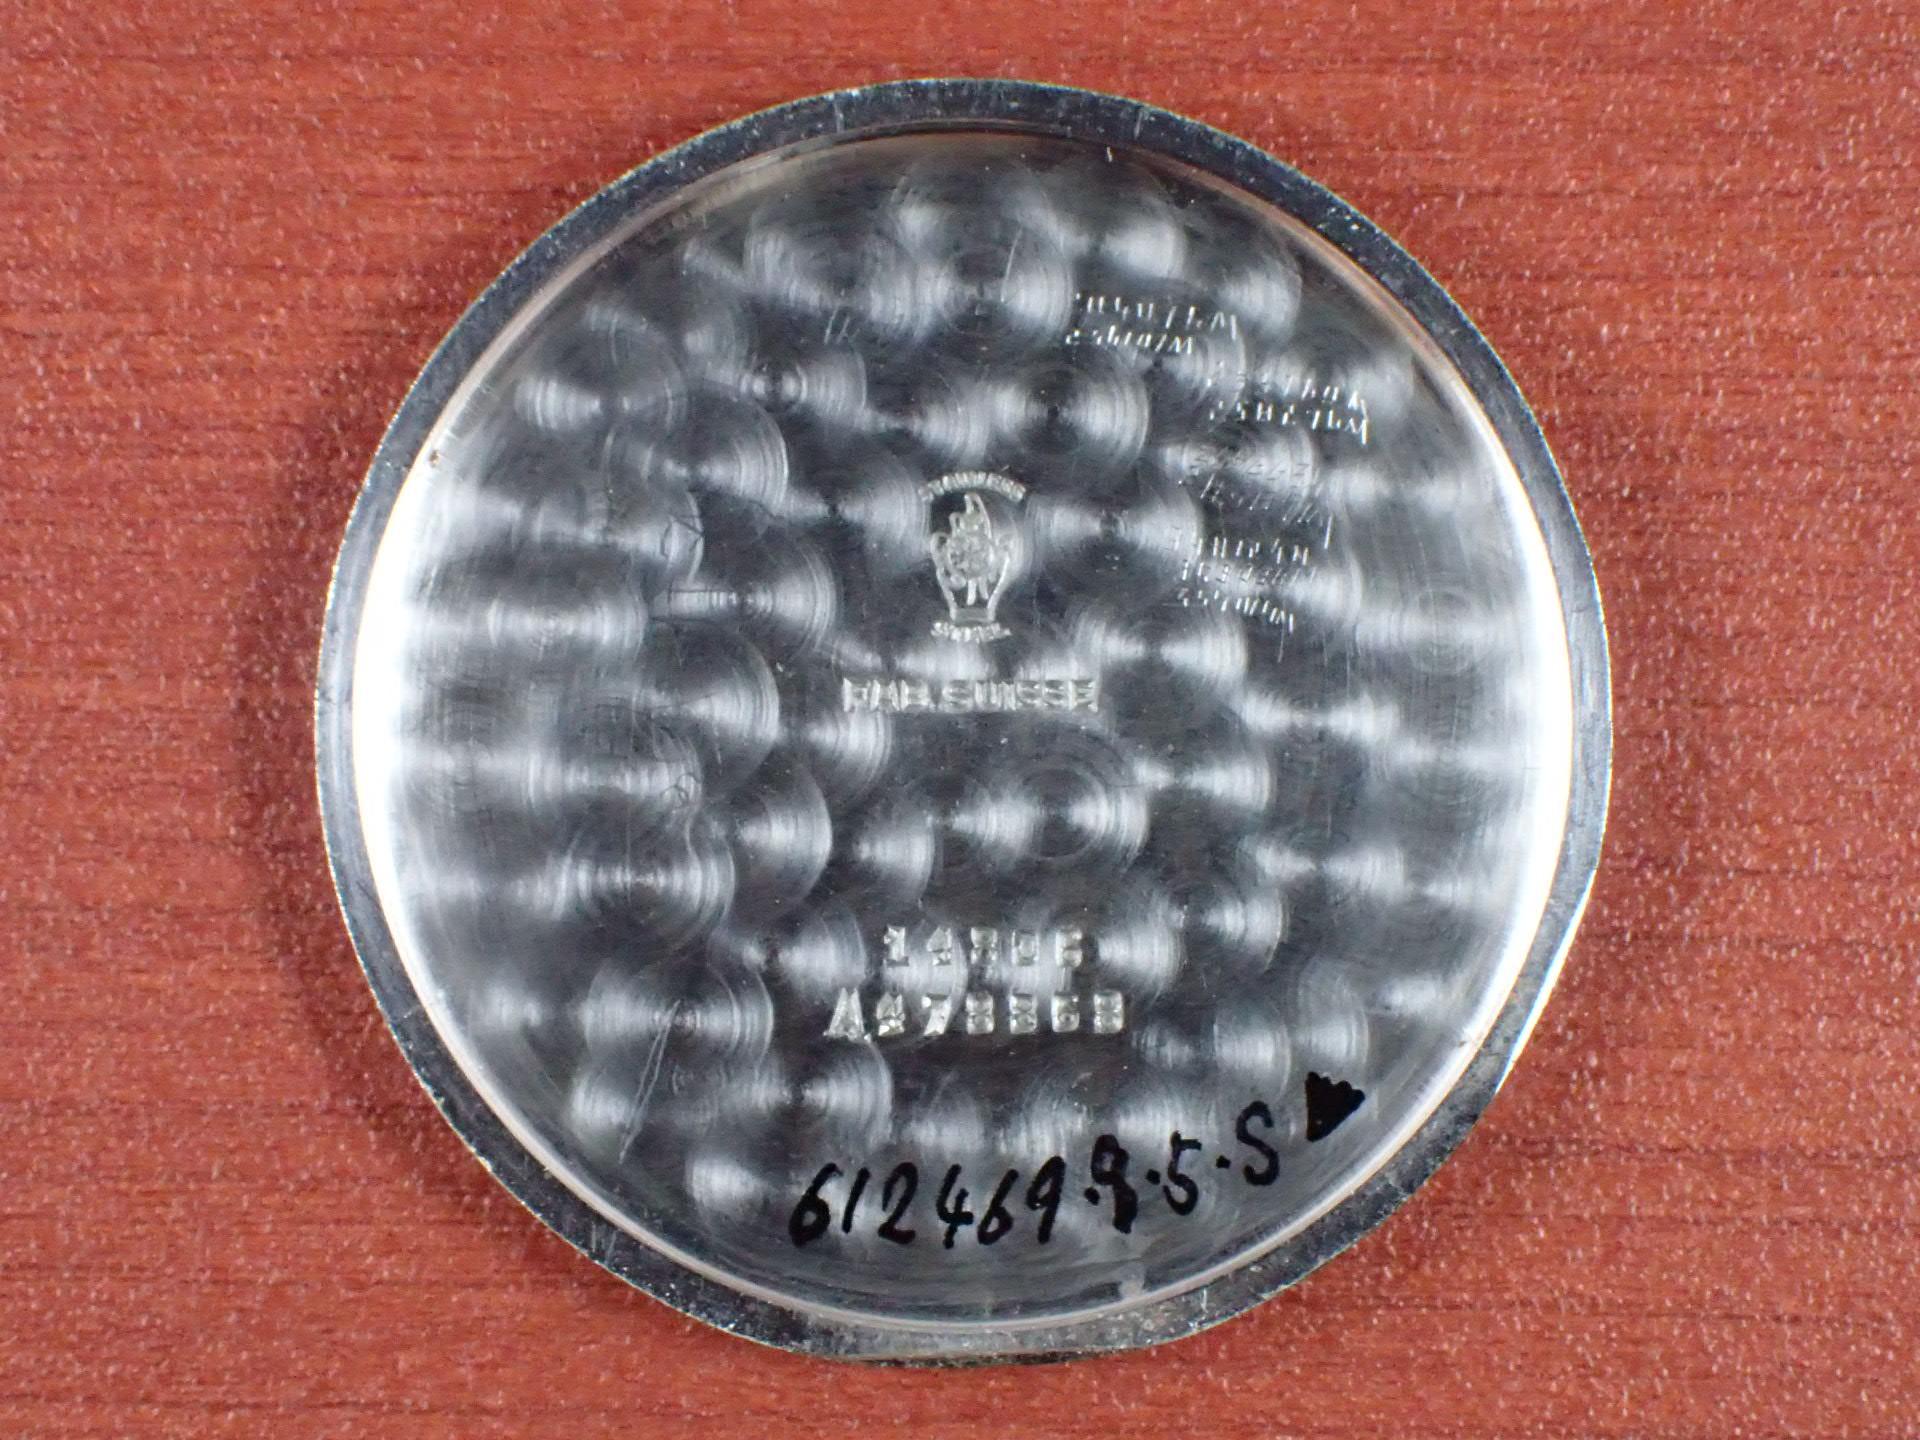 モバード カレンドグラフ ラージケース ブラックダイアル 1940年代の写真6枚目